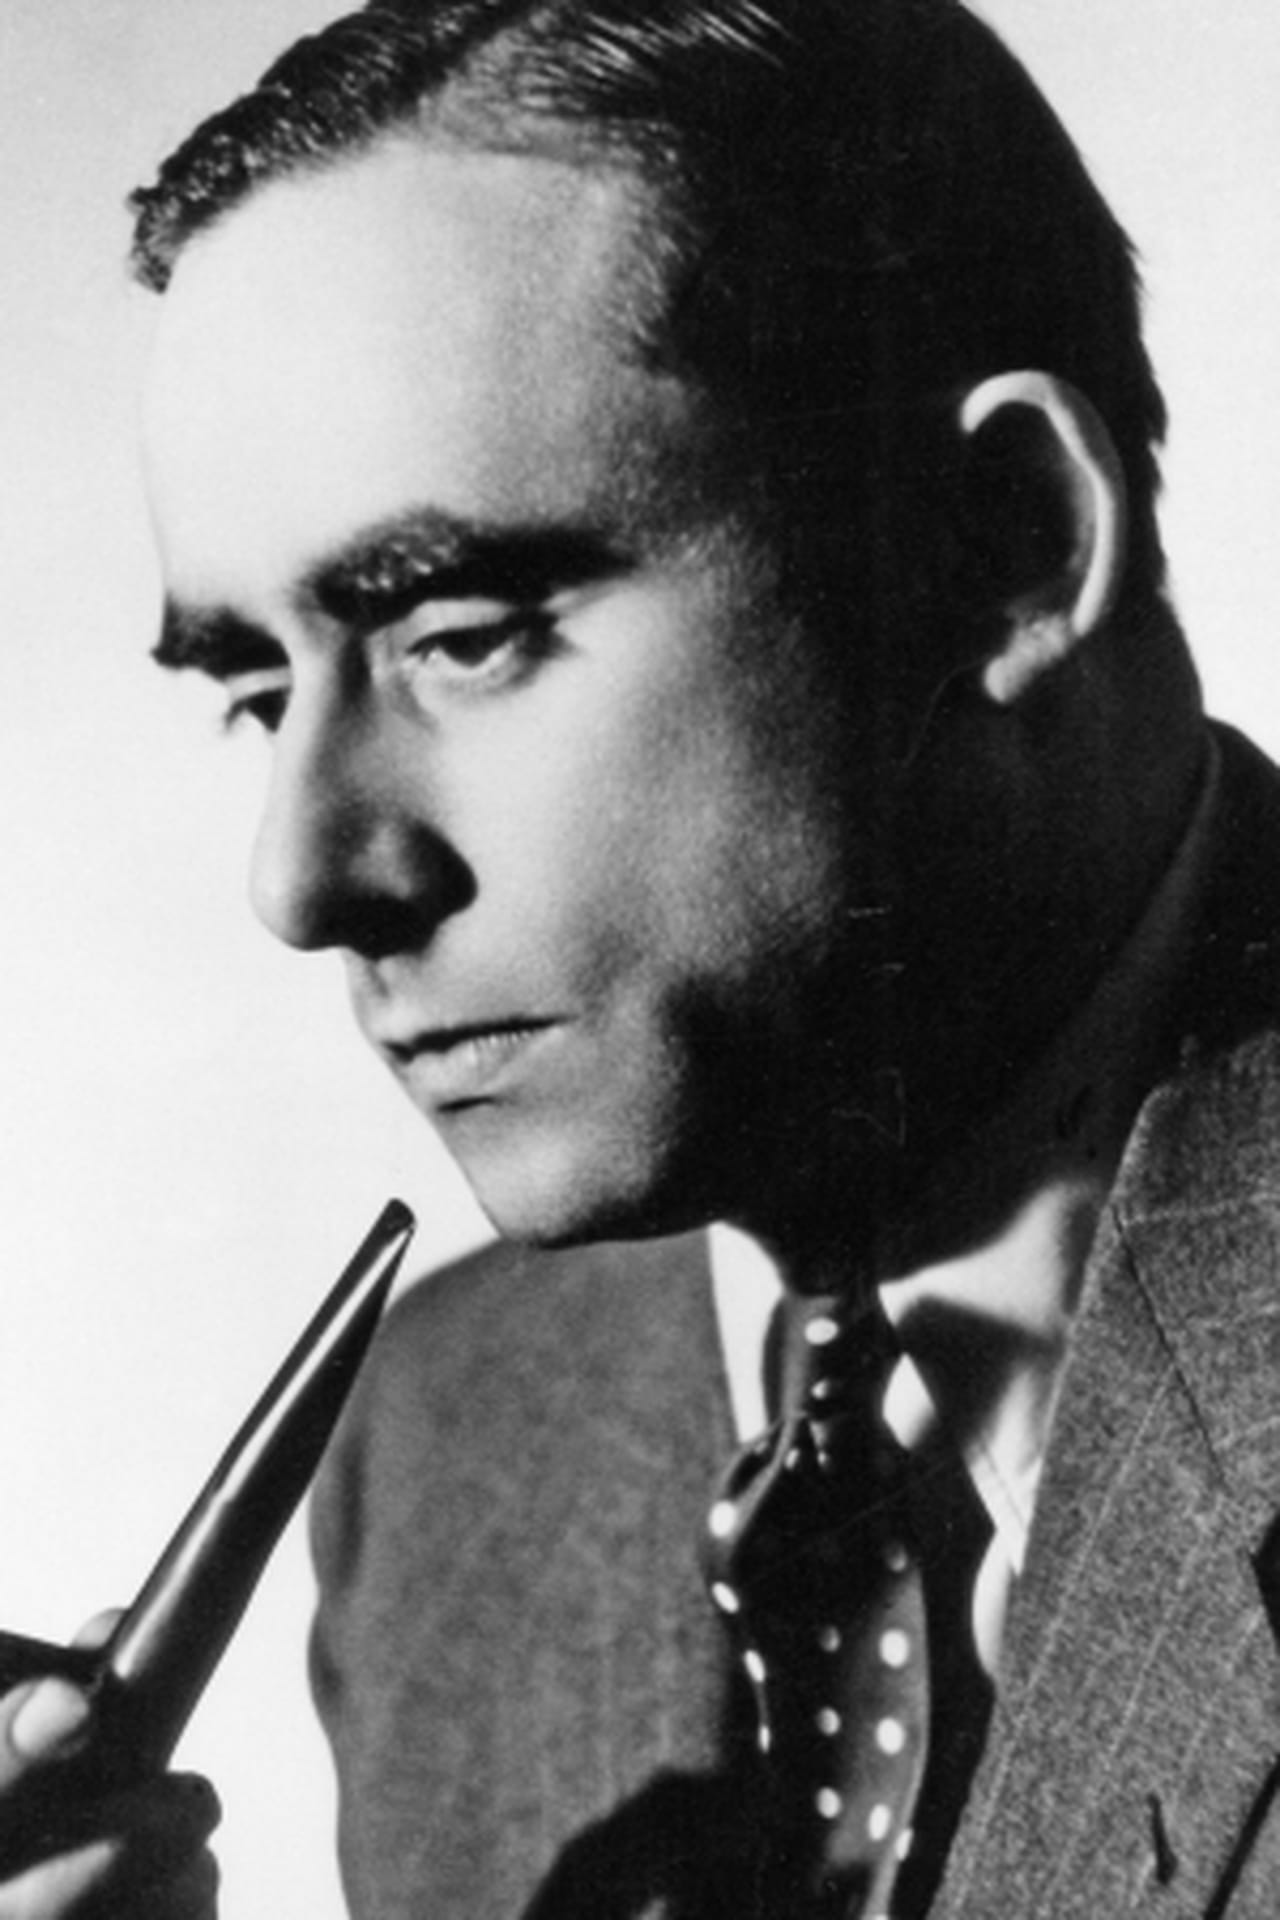 Henri-Georges Clouzot